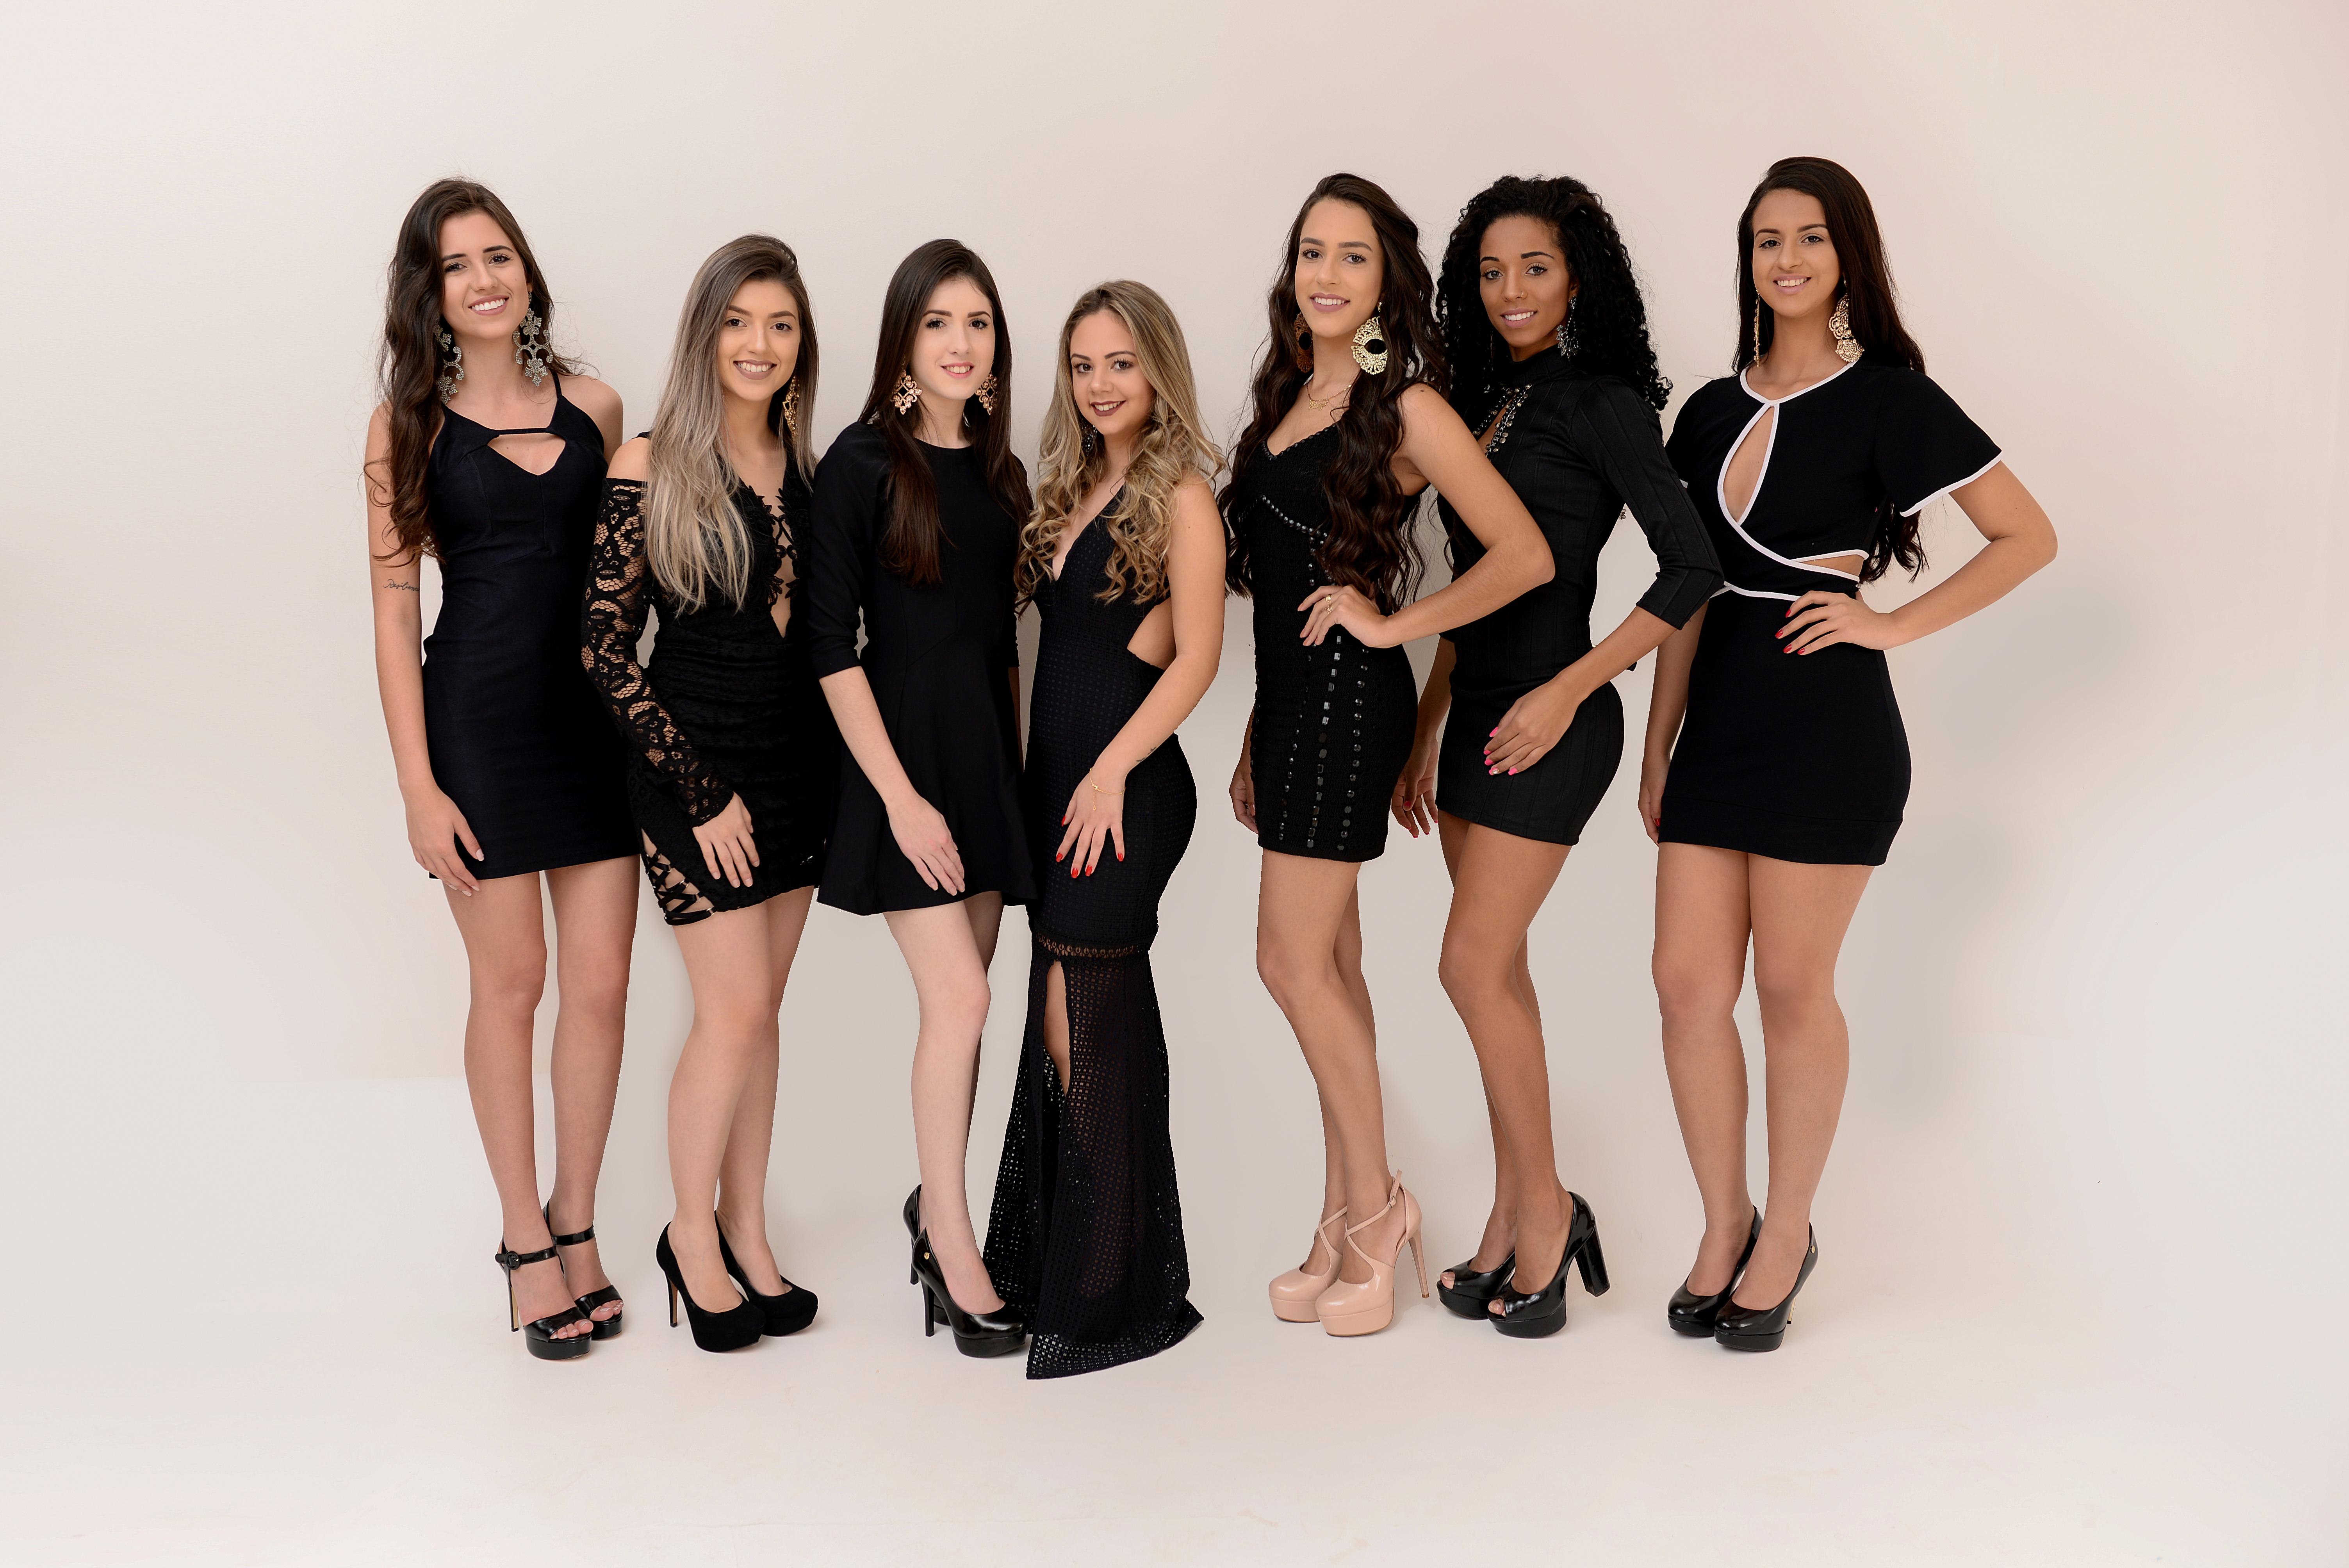 Miss Tupãssi 2018 é atração neste sábado em Tupãssi